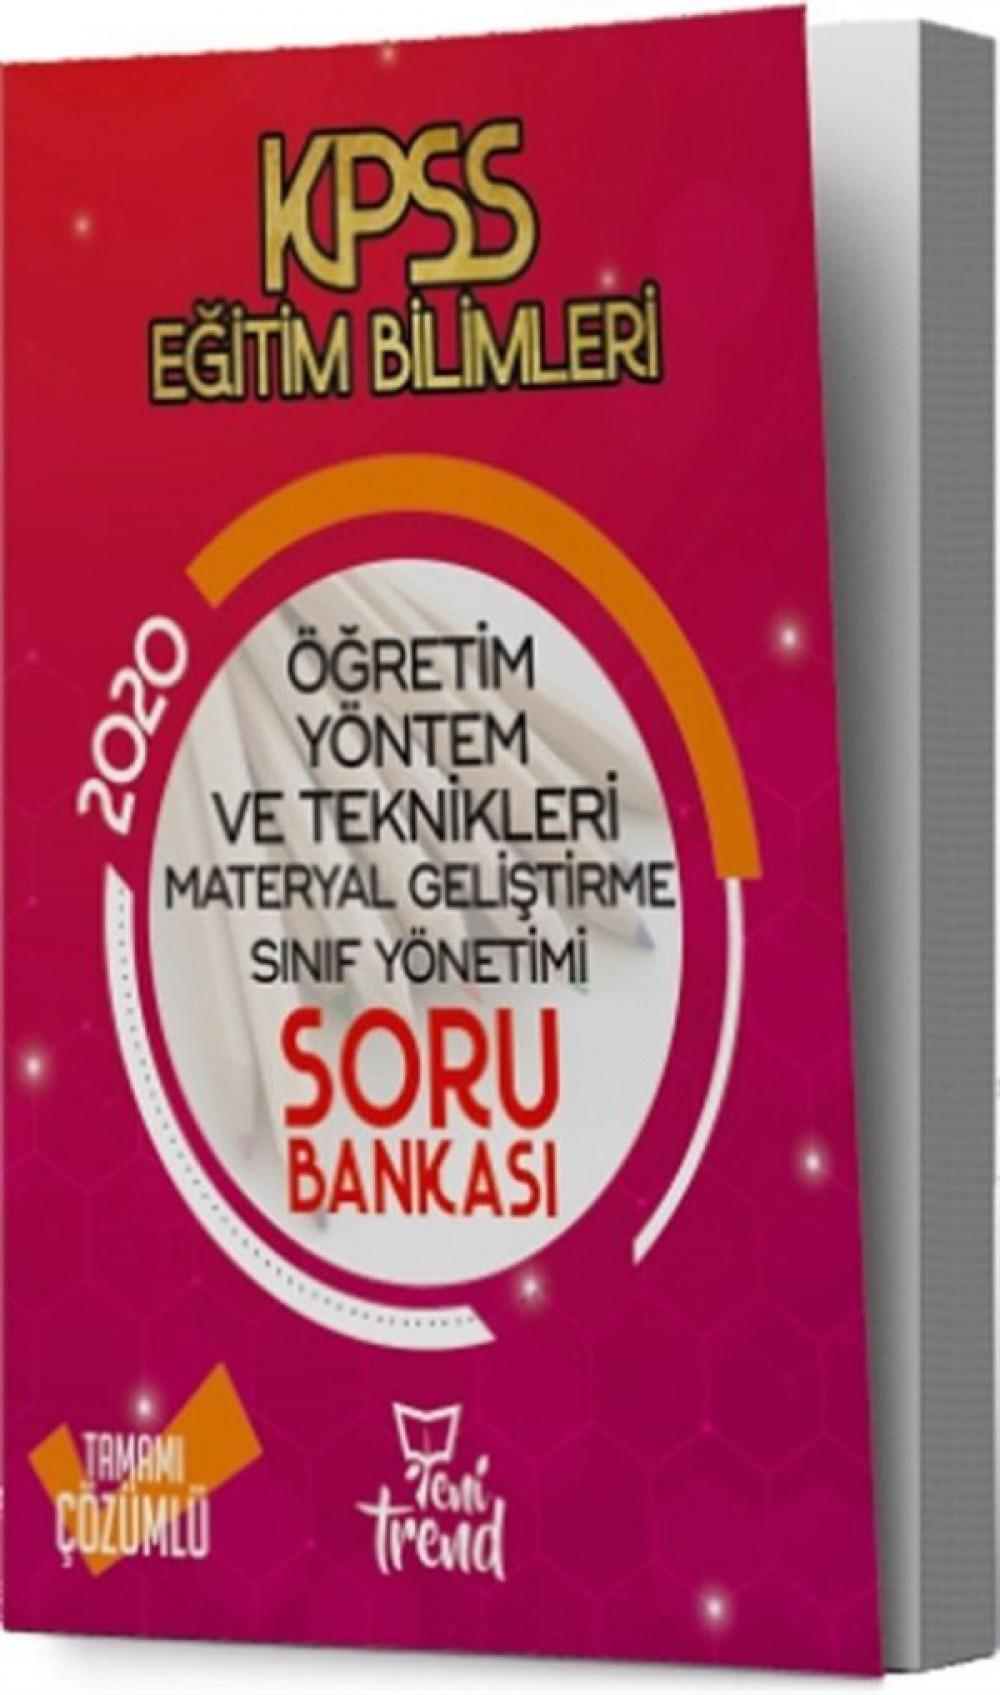 Yeni Trend Yayınları 2020 KPSS Eğitim Bilimleri Öğretim Yöntem ve Teknikleri Soru Bankası